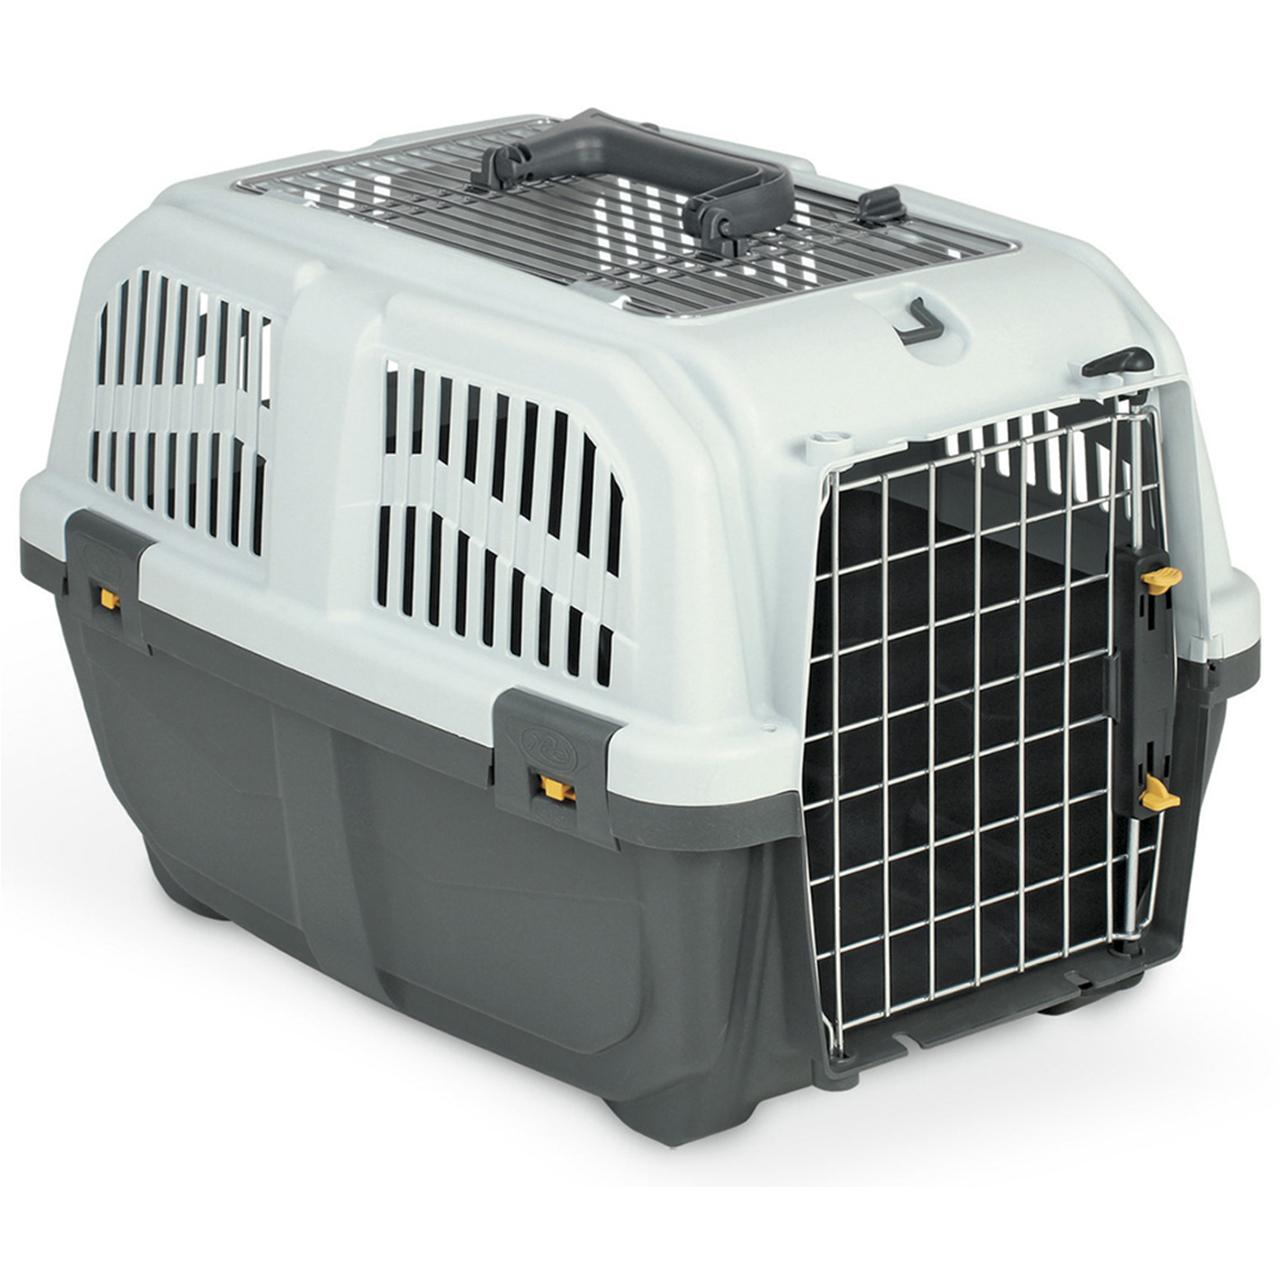 باکس حمل سگ و گربه ام پی اس 2 مدل اسکودو 1 سقف باز یاتا اندازه کوچک